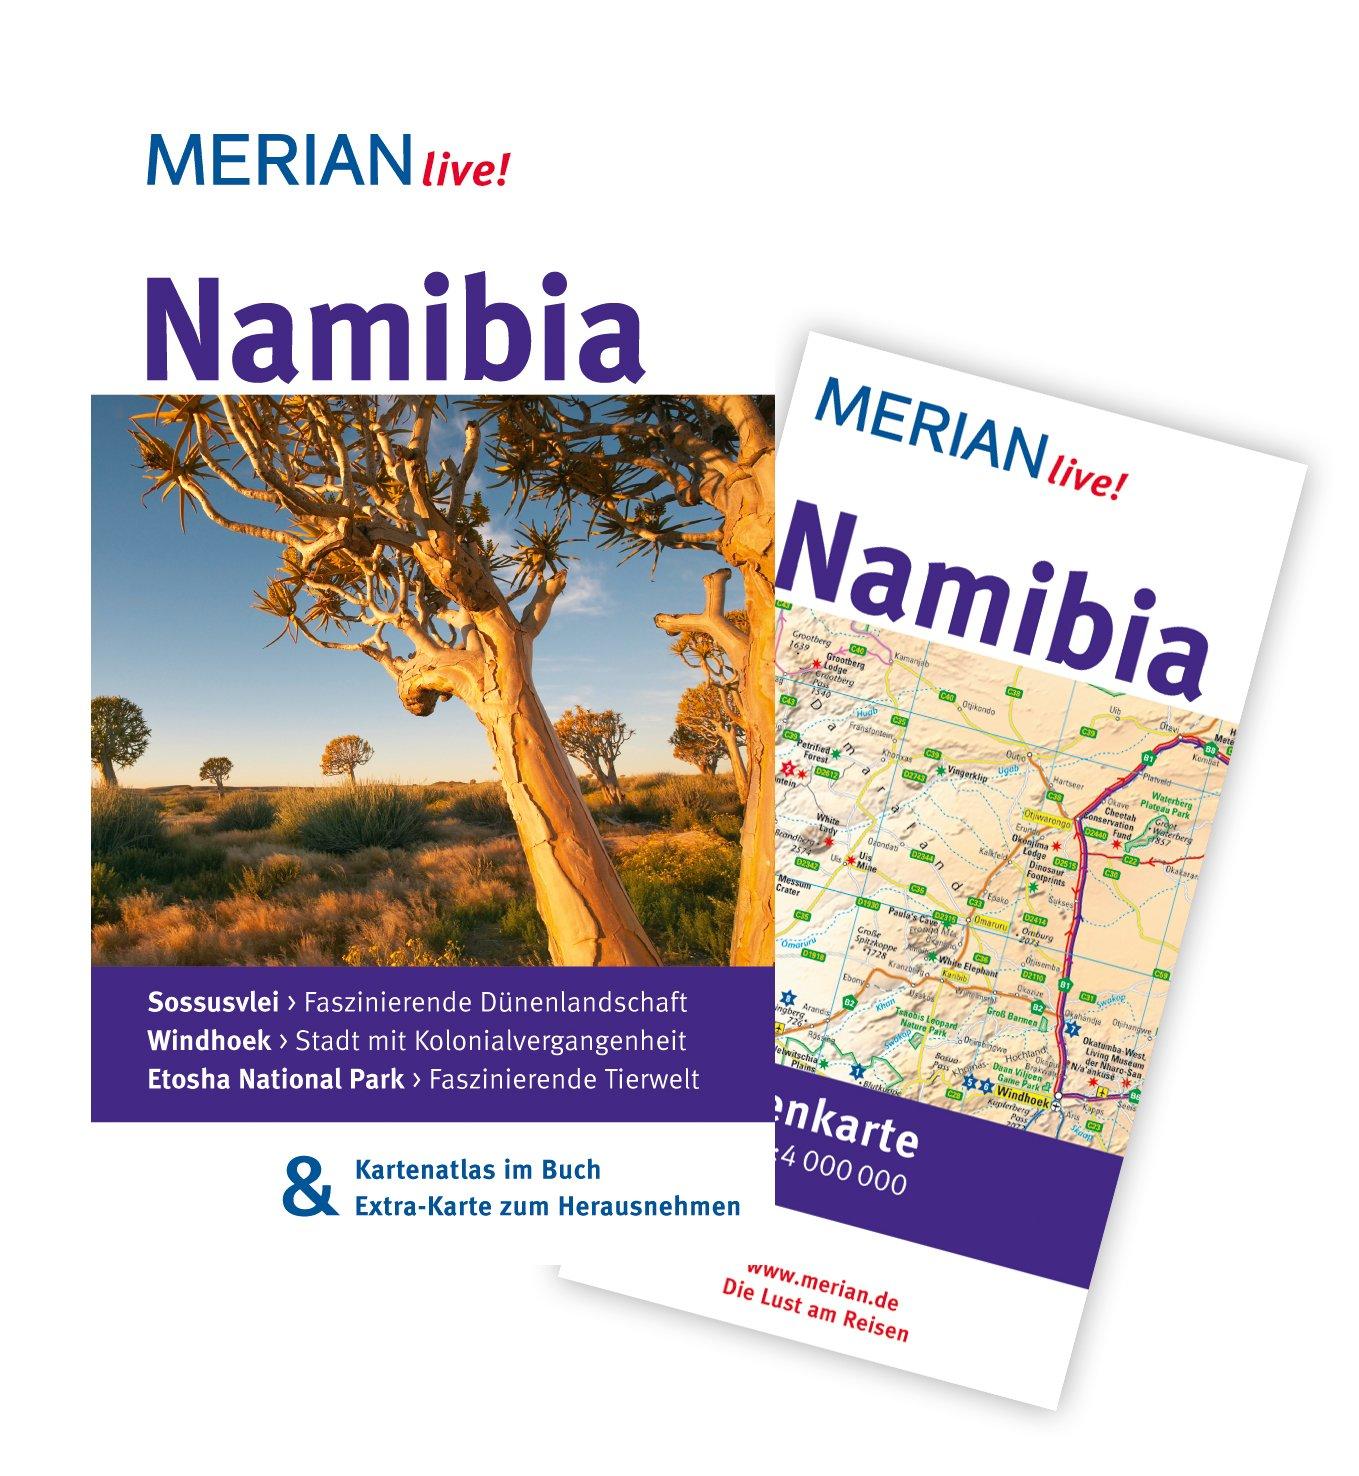 MERIAN live! Reiseführer Namibia: Mit Kartenatlas im Buch und Extra-Karte zum Herausnehmen